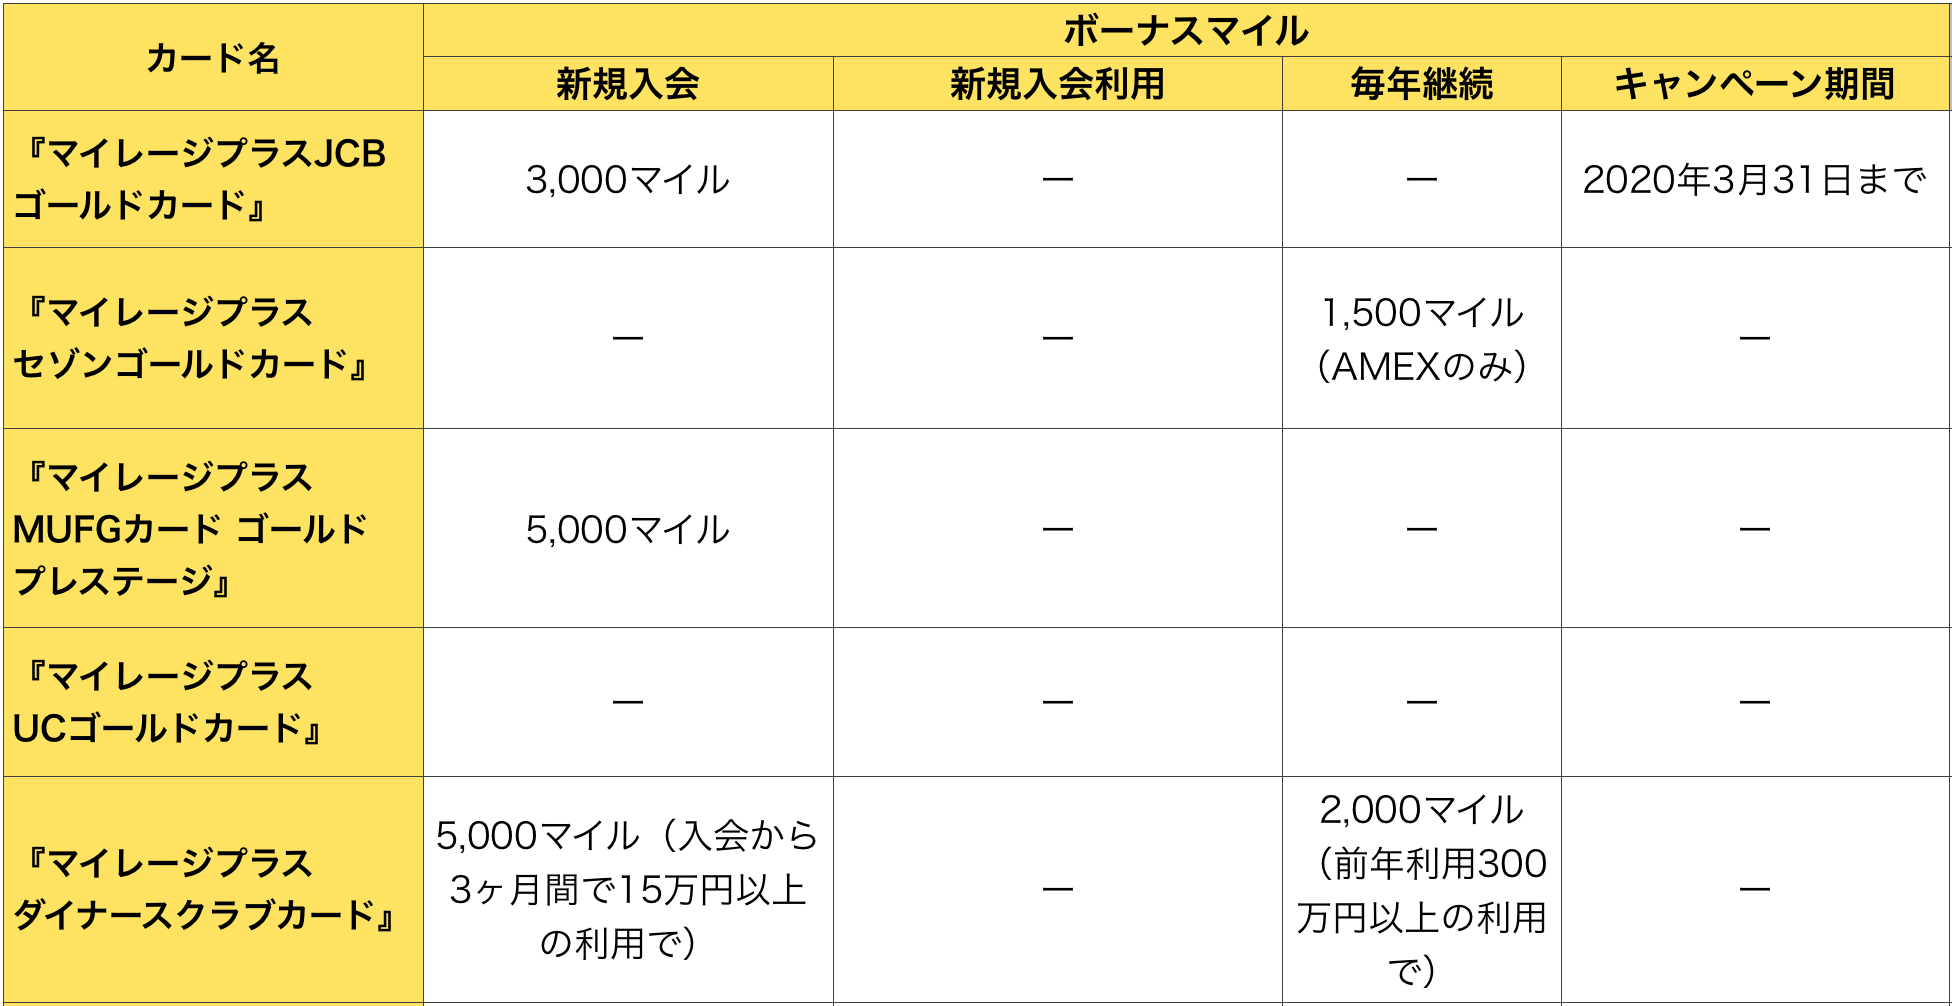 マイレージプラスゴールドカード ボーナスマイルの比較(2019年5月16日版)